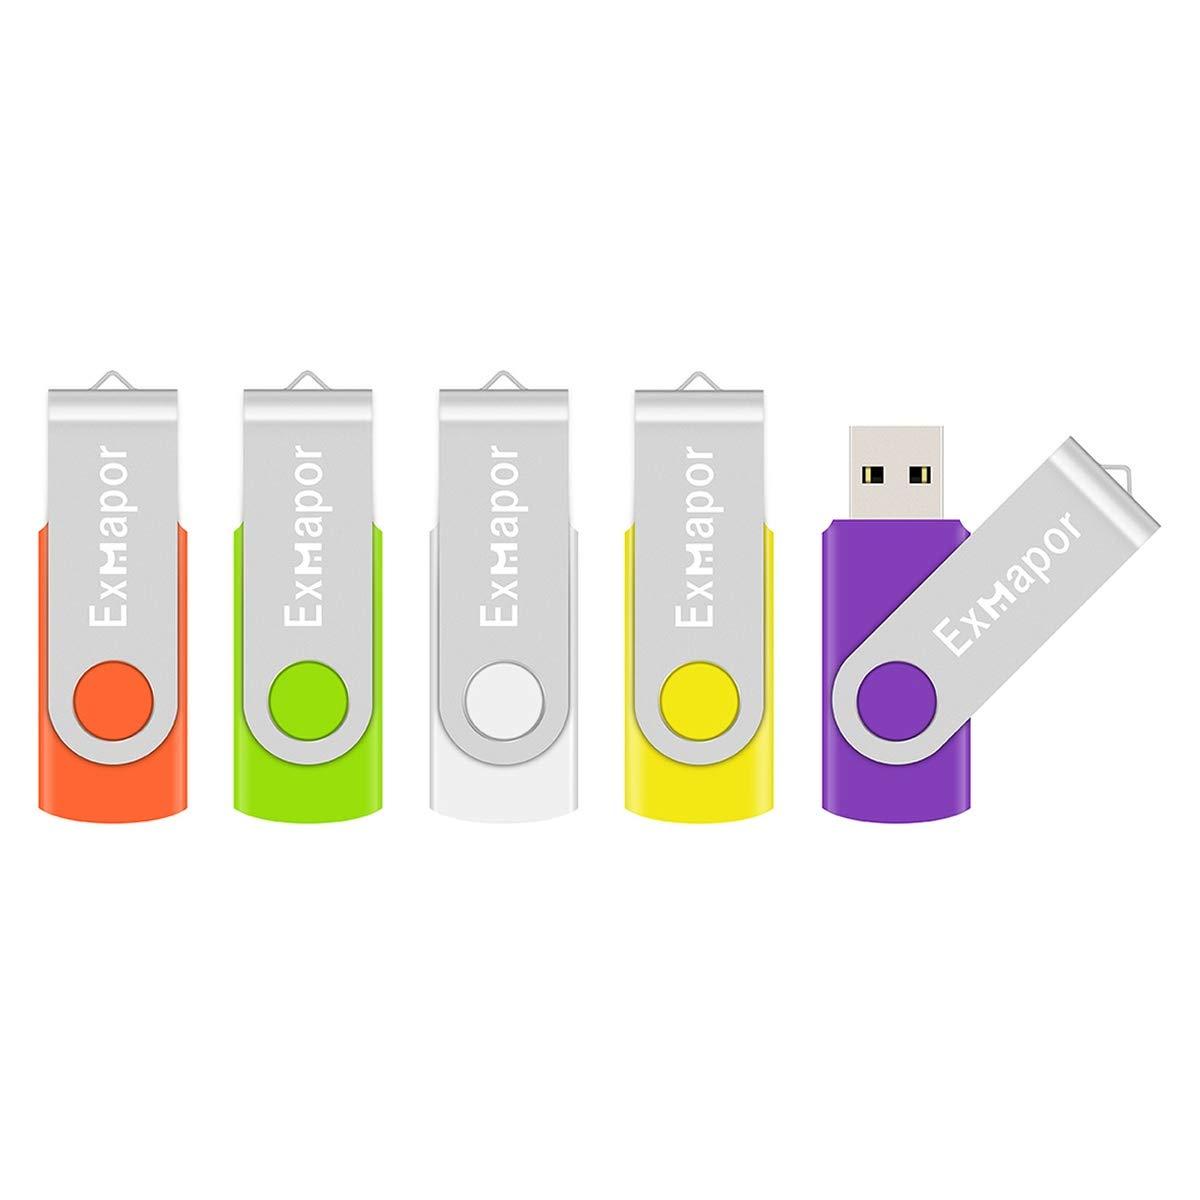 5 X 32GB USB Flash Drive, Exmapor USB Swivel Thumb Drives Bulk Storage Memory Stick LED Indicator, Orange/Green/White/Yellow/Purple (5PCS Mix Color, 32GB)